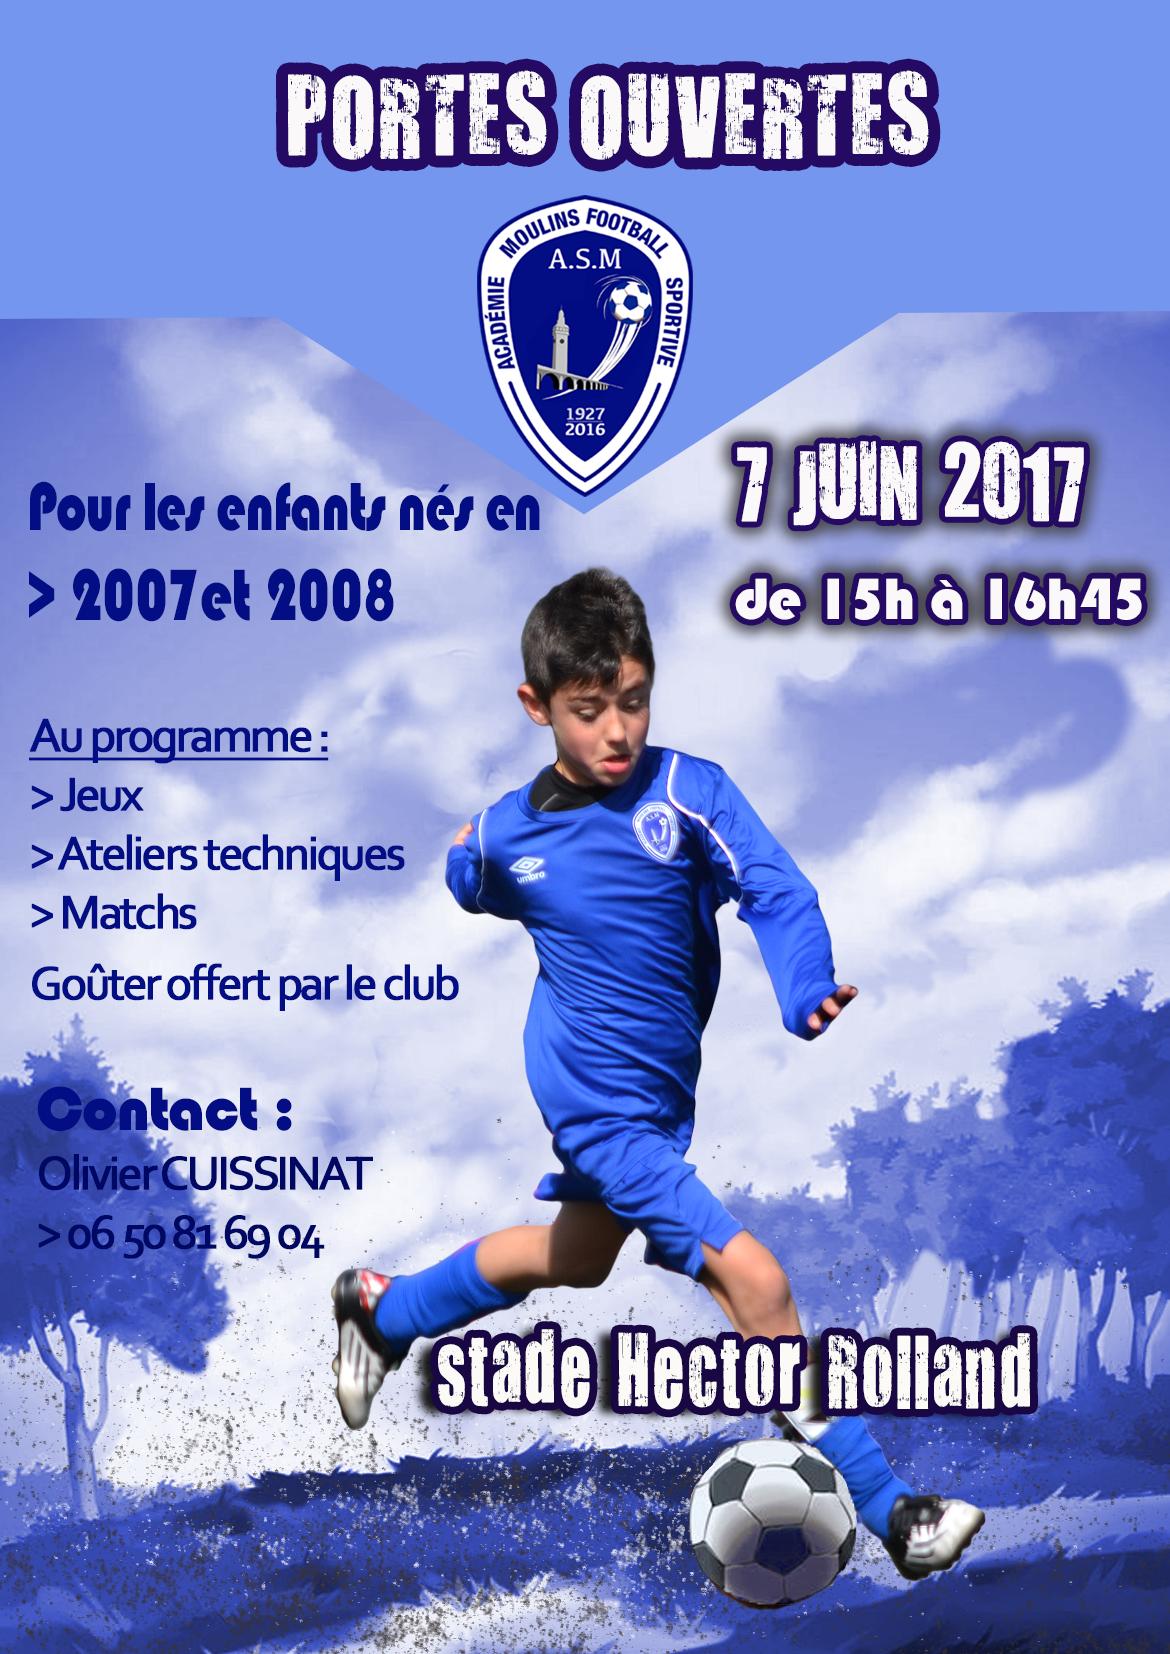 Portes ouvertes pour les futurs u10 u11 l 39 as moulins foot club de football de moulins - Olivier de serres portes ouvertes ...